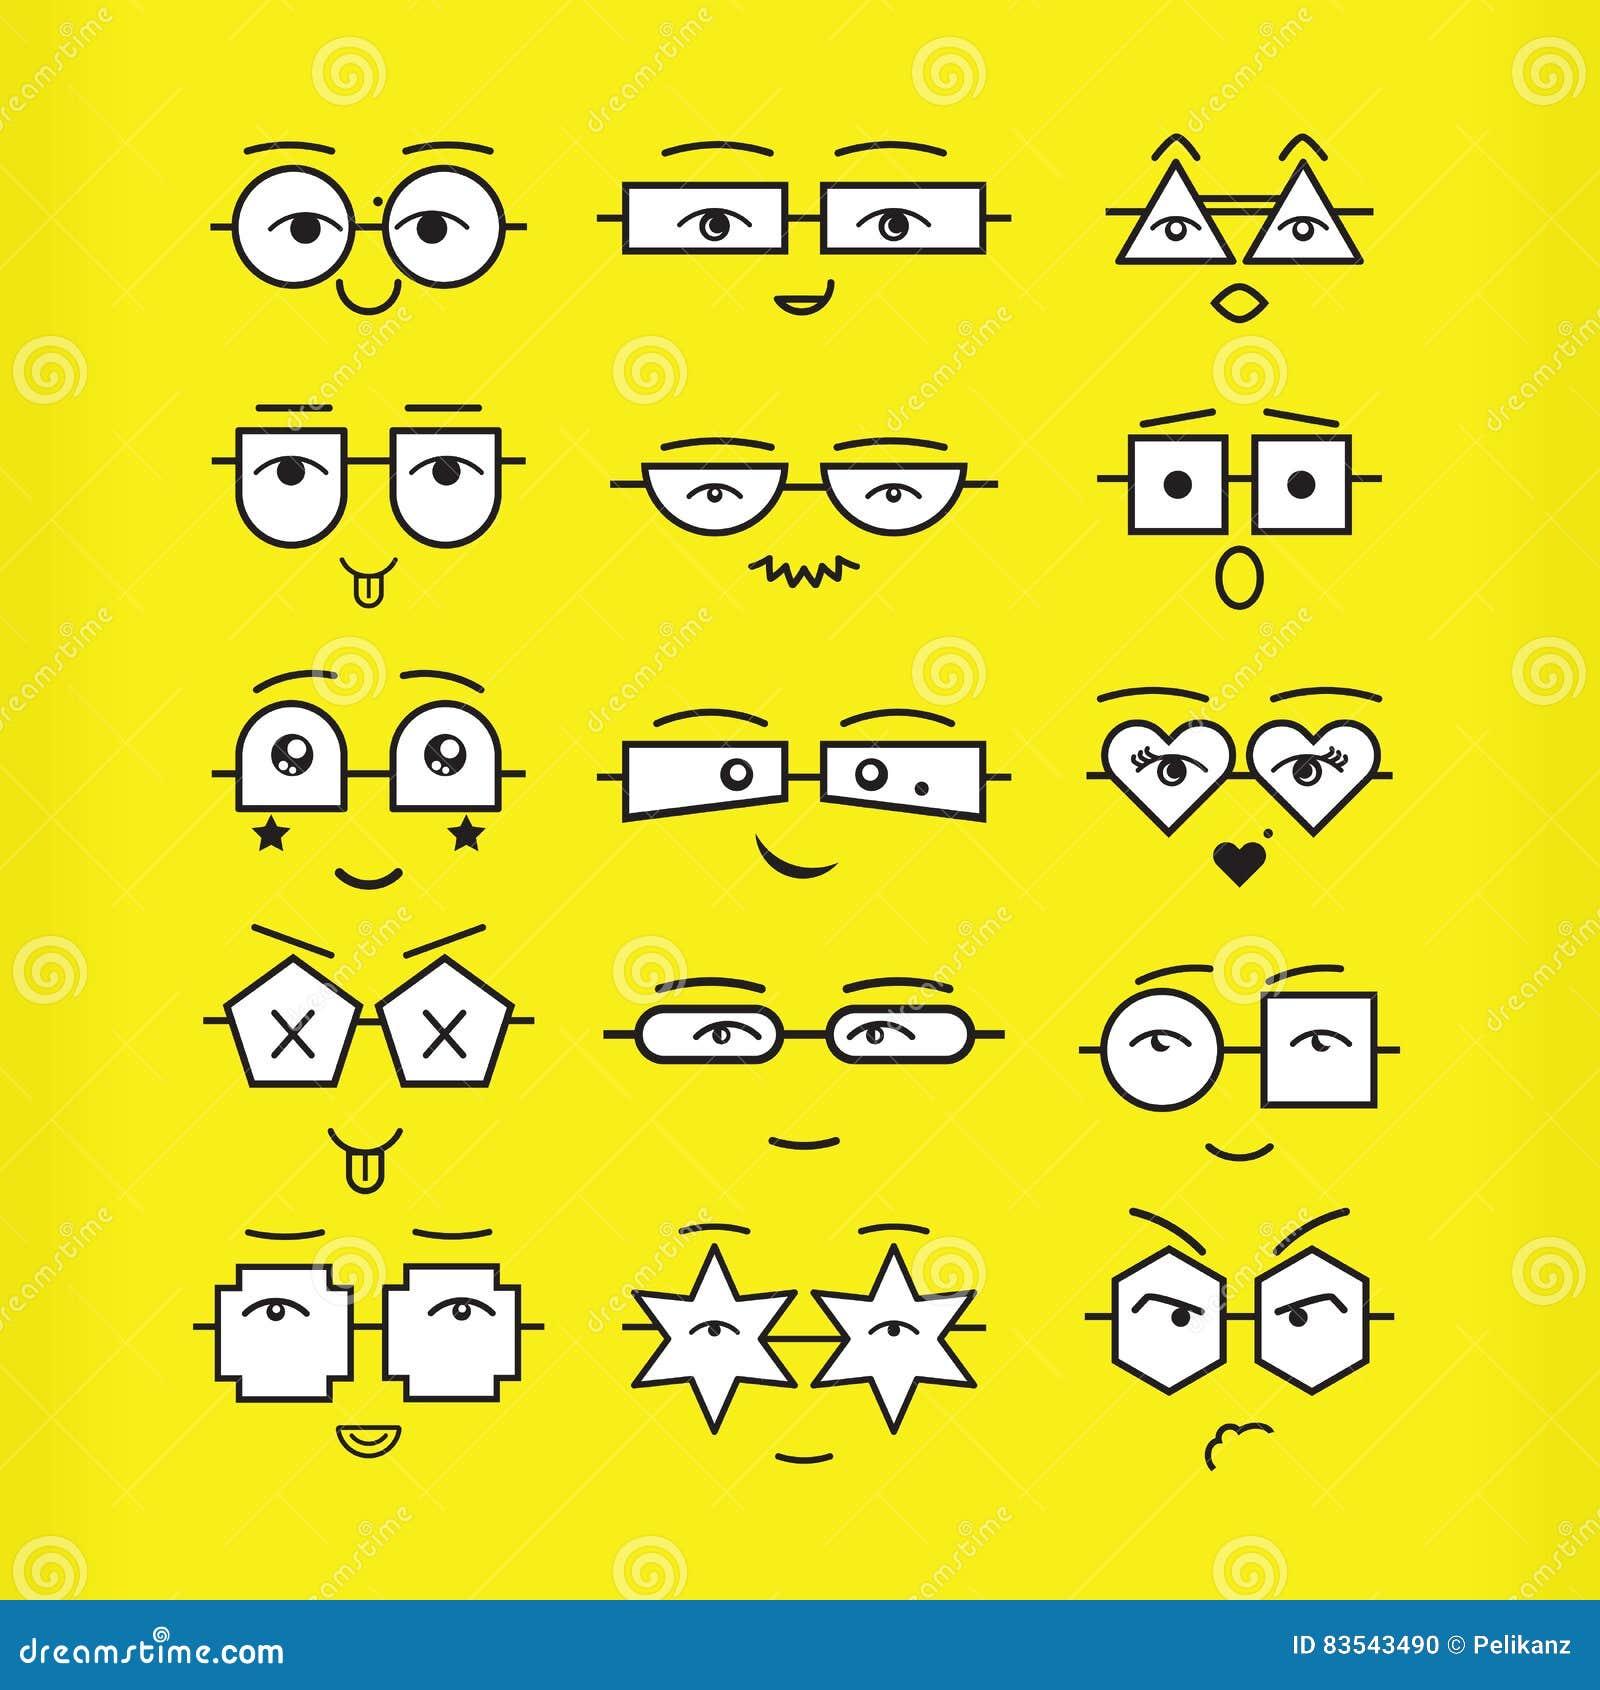 Gulliga svarta emoticons vänder mot med geometriskt glasögon som symboler ställer in på gul bakgrund